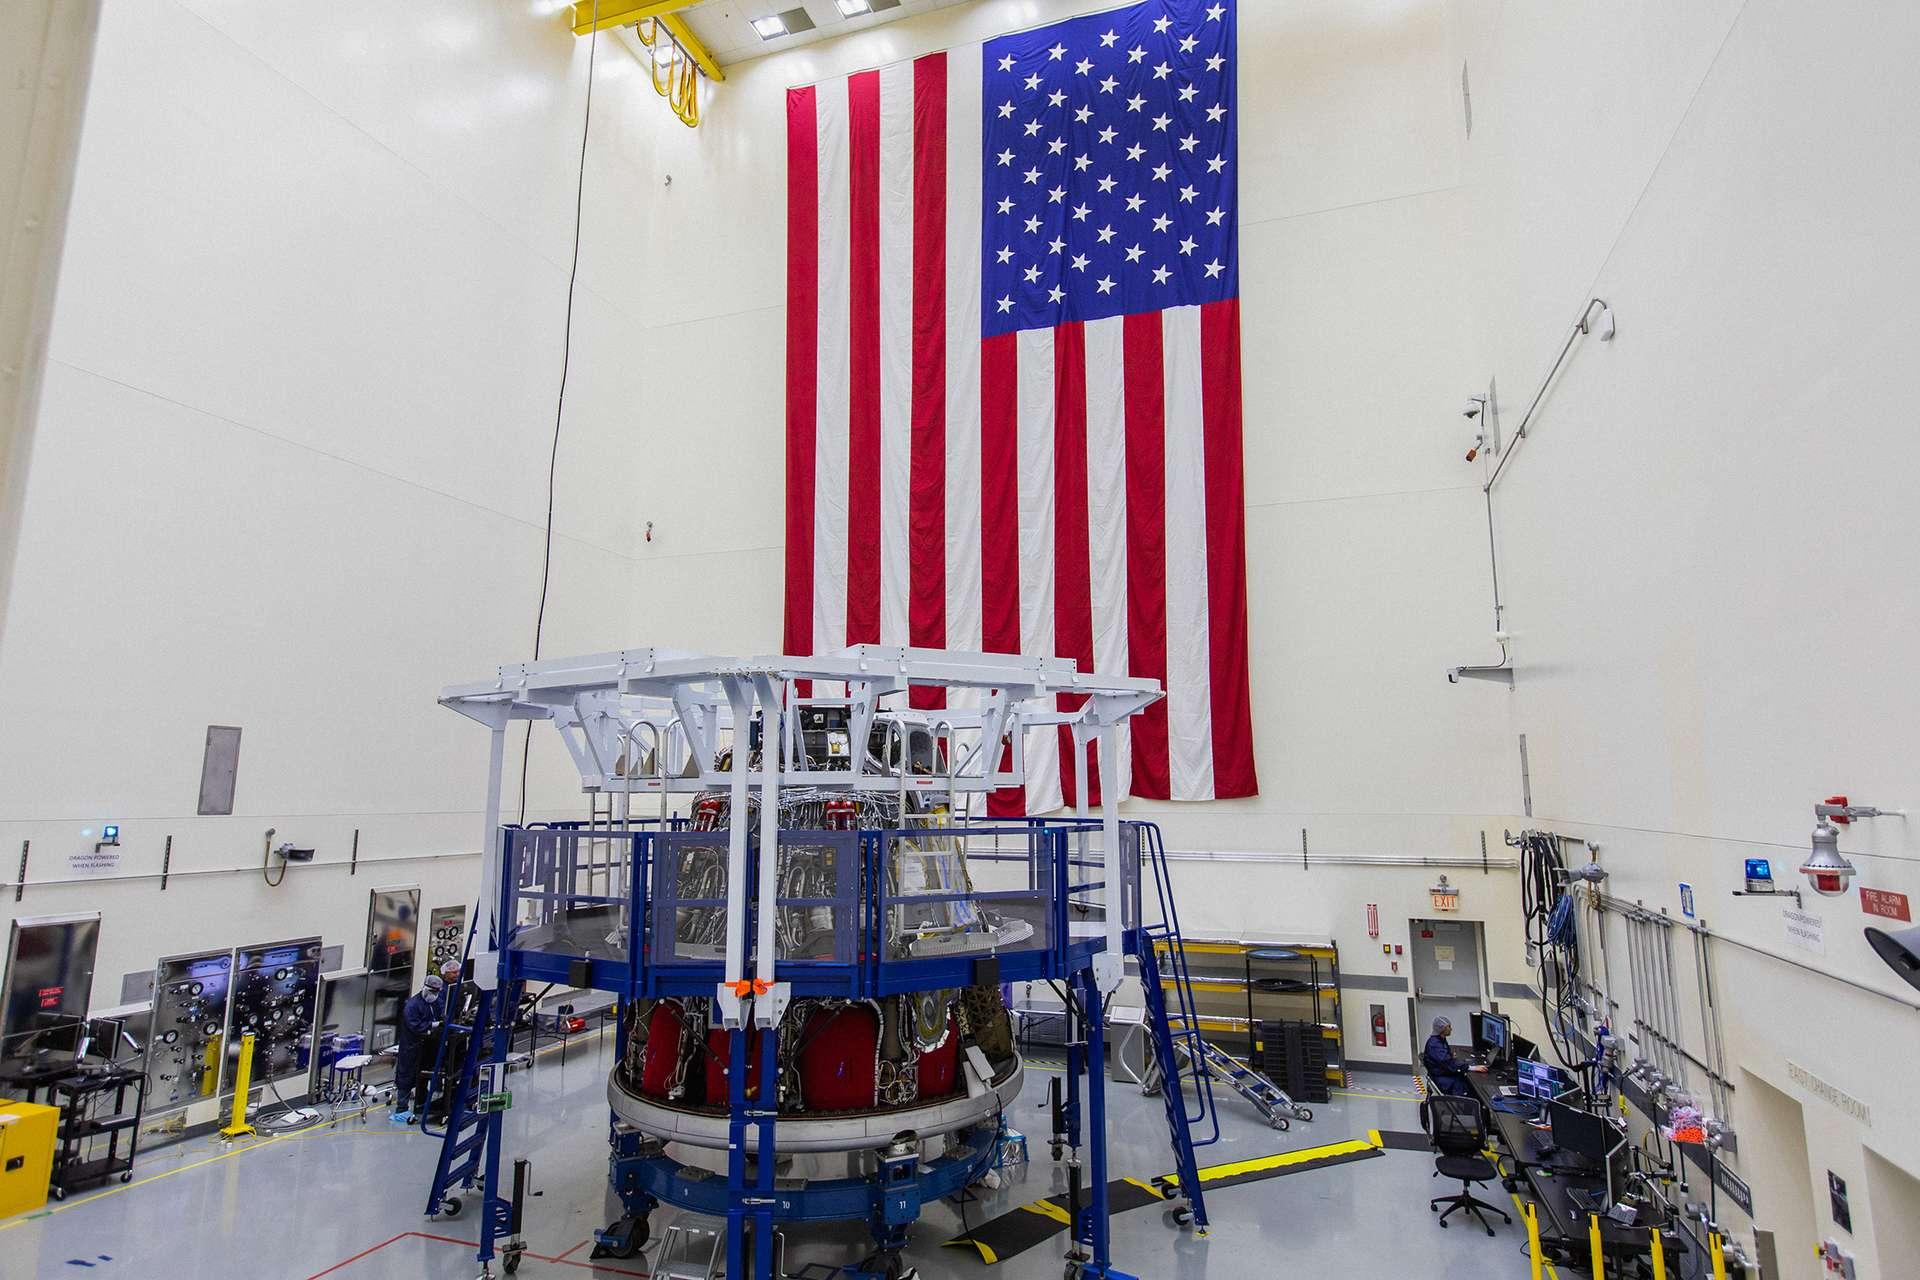 La capsule Crew Dragon qui sera utilisée pour le très important test d'abandon de lancement prévu fin novembre, début décembre. © Nasa